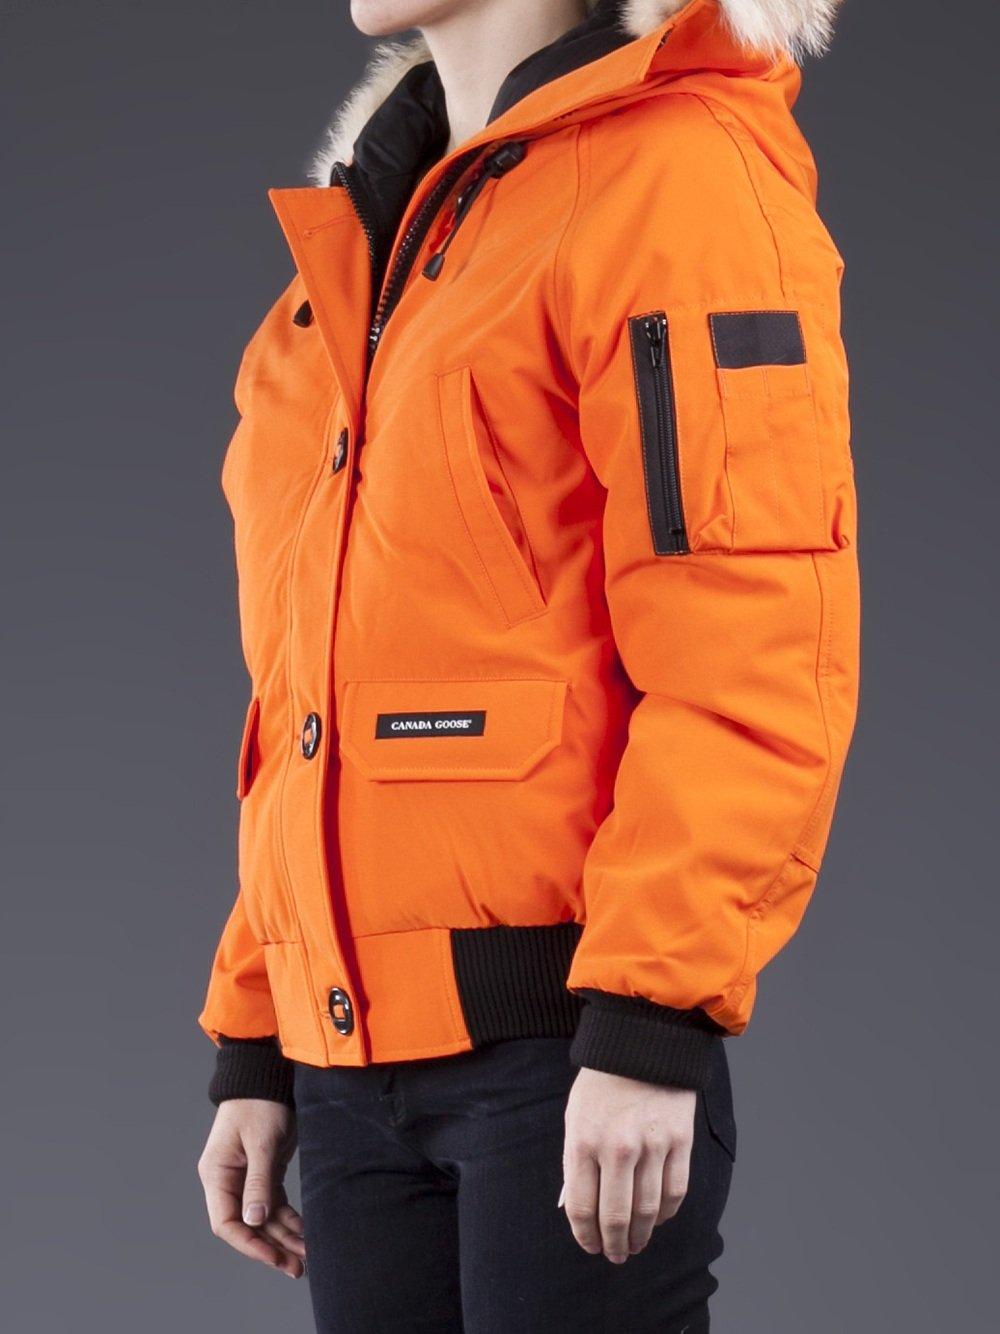 Orange Canada Goose